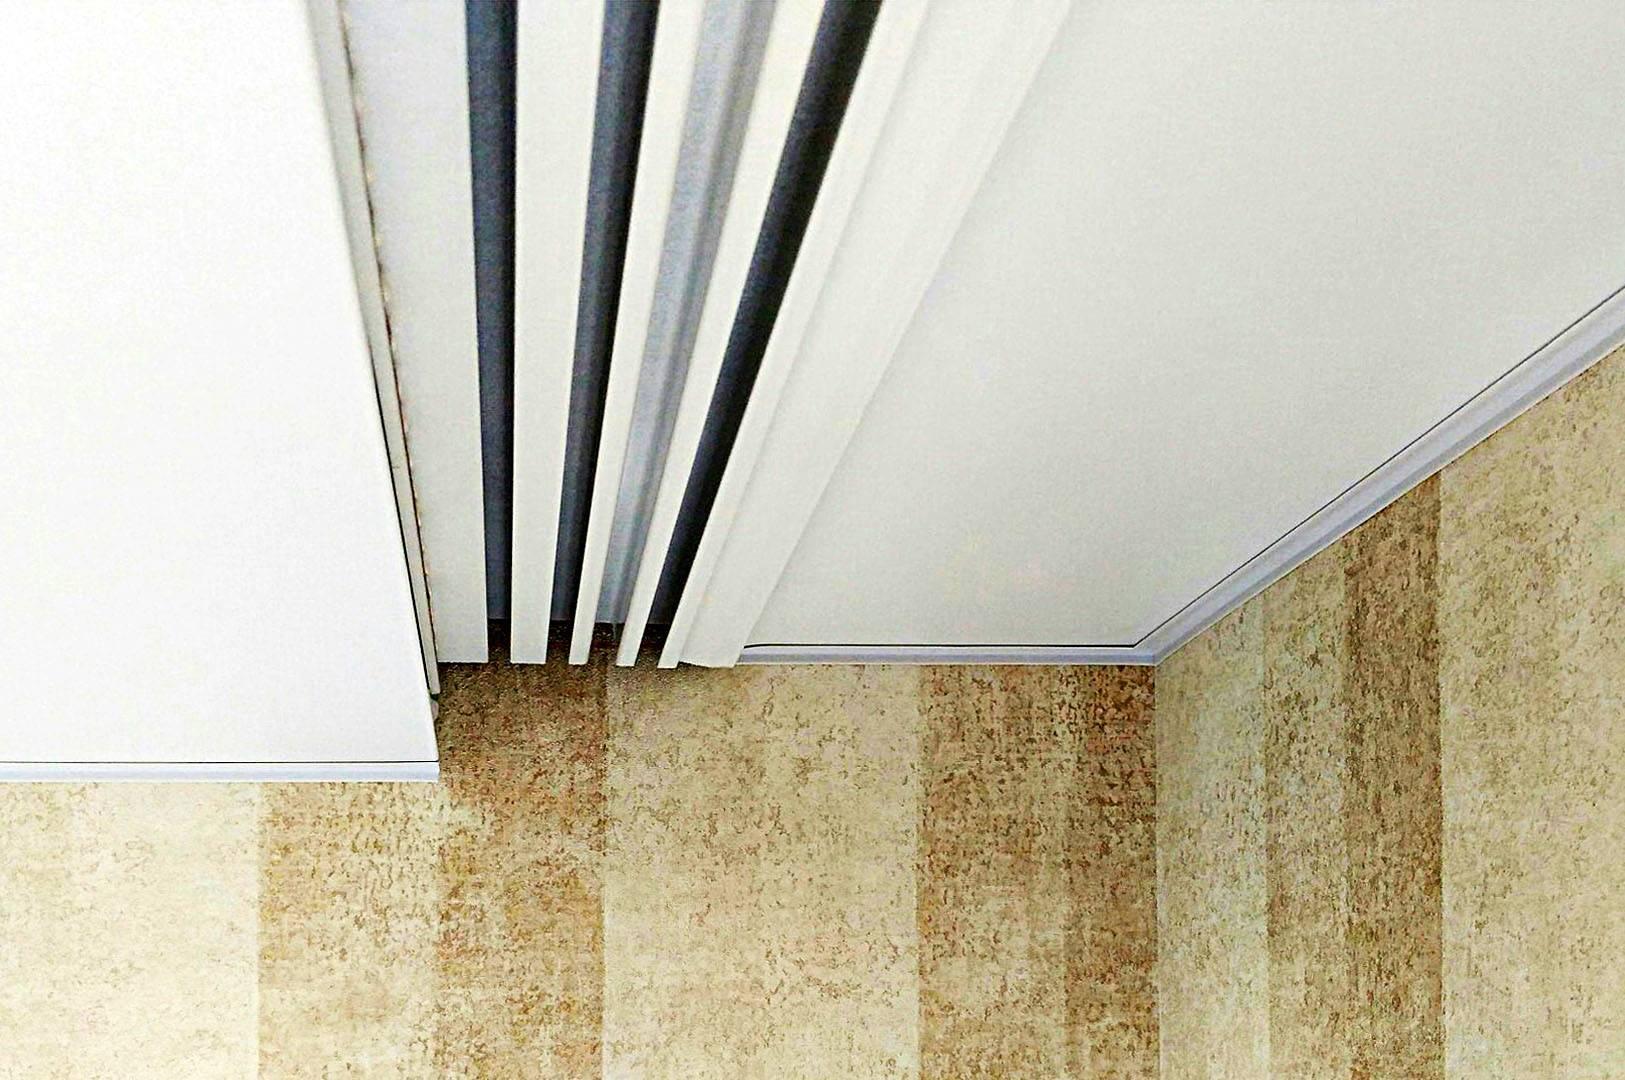 Ниша для штор в натяжном потолке, ее плюсы и минусы, область применения.